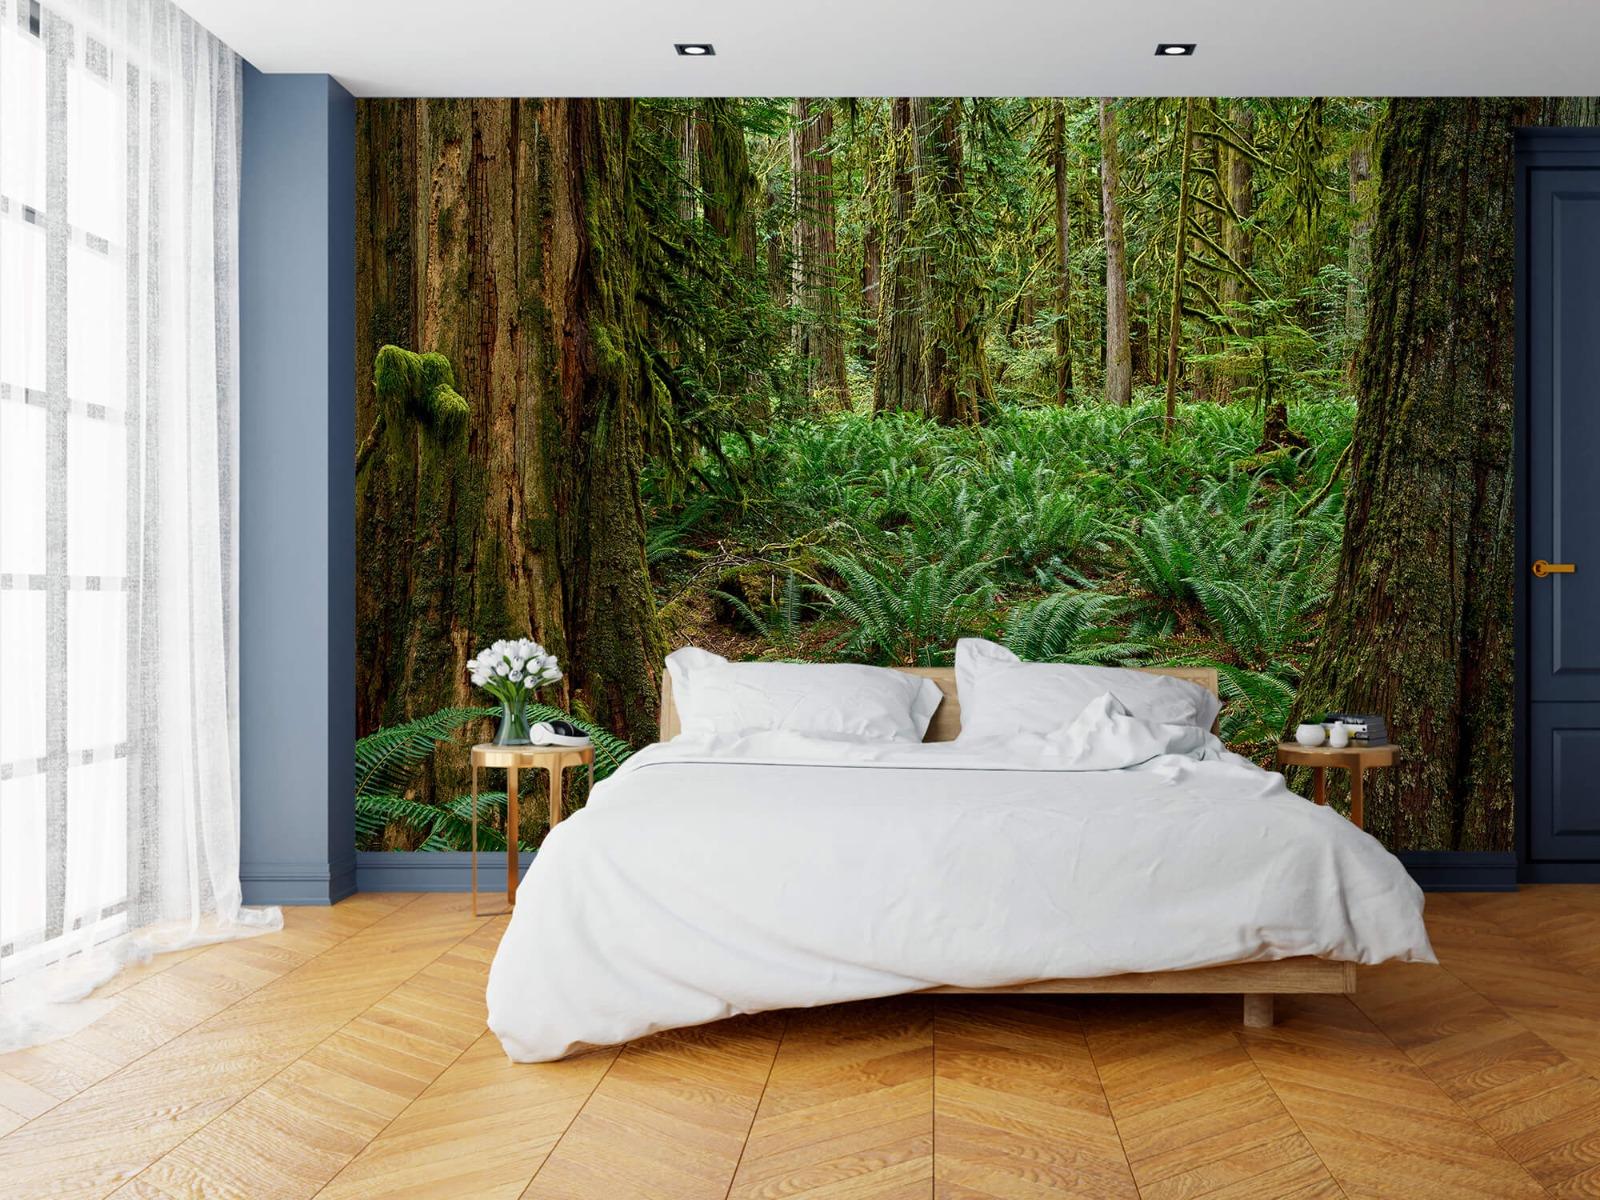 Bos behang - Varens en bomen - Wallexclusive - Slaapkamer 15